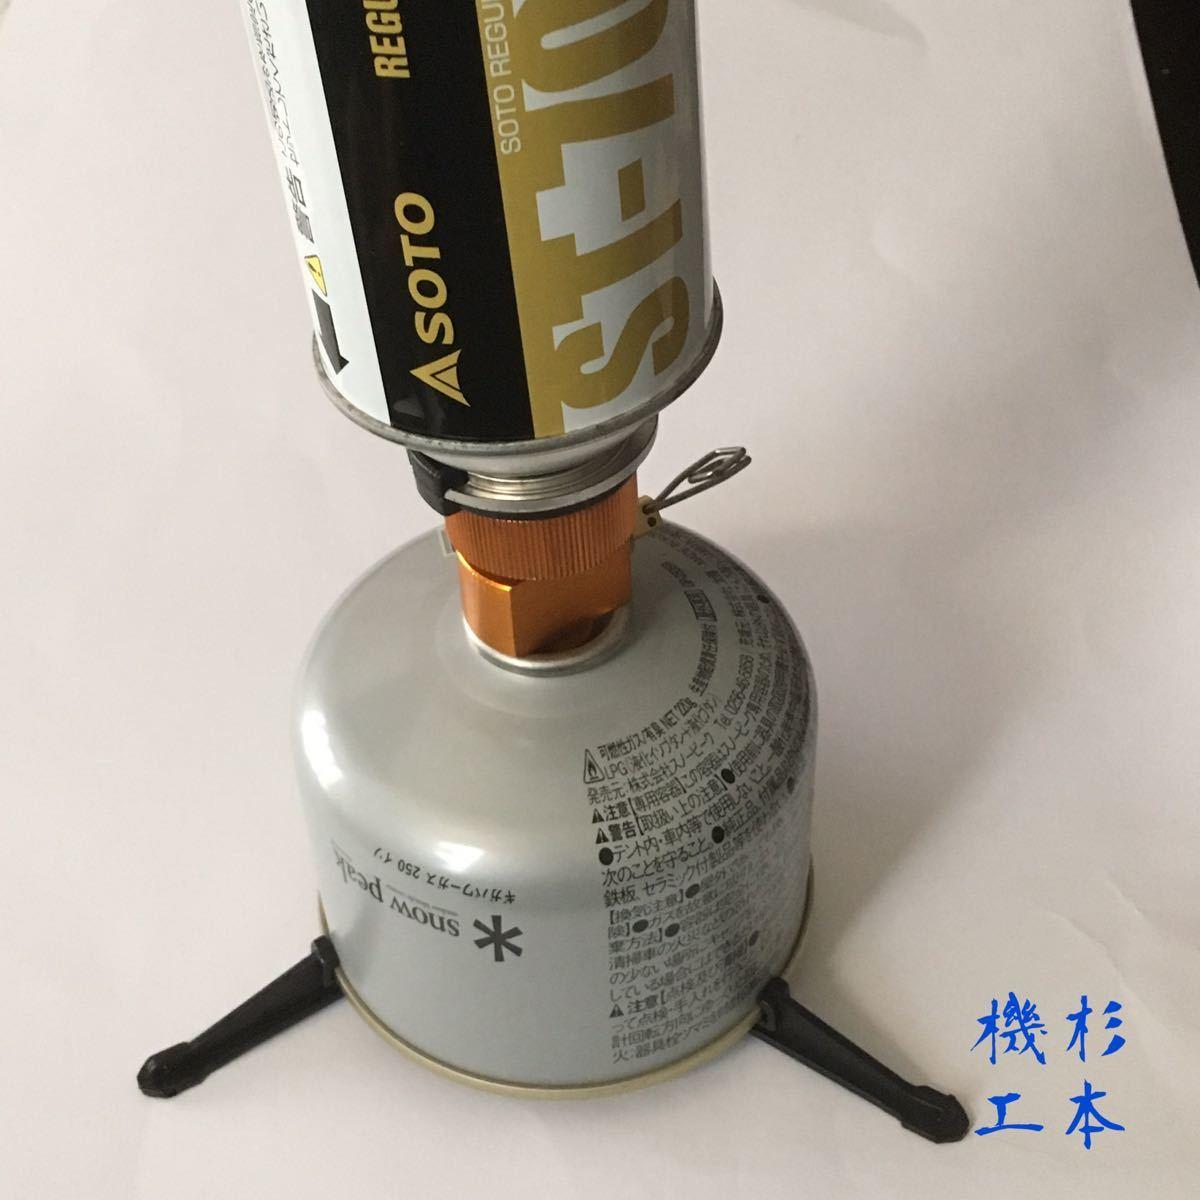 ガスアダプター 変換 詰め替え+ハッピーファイヤー(3個)